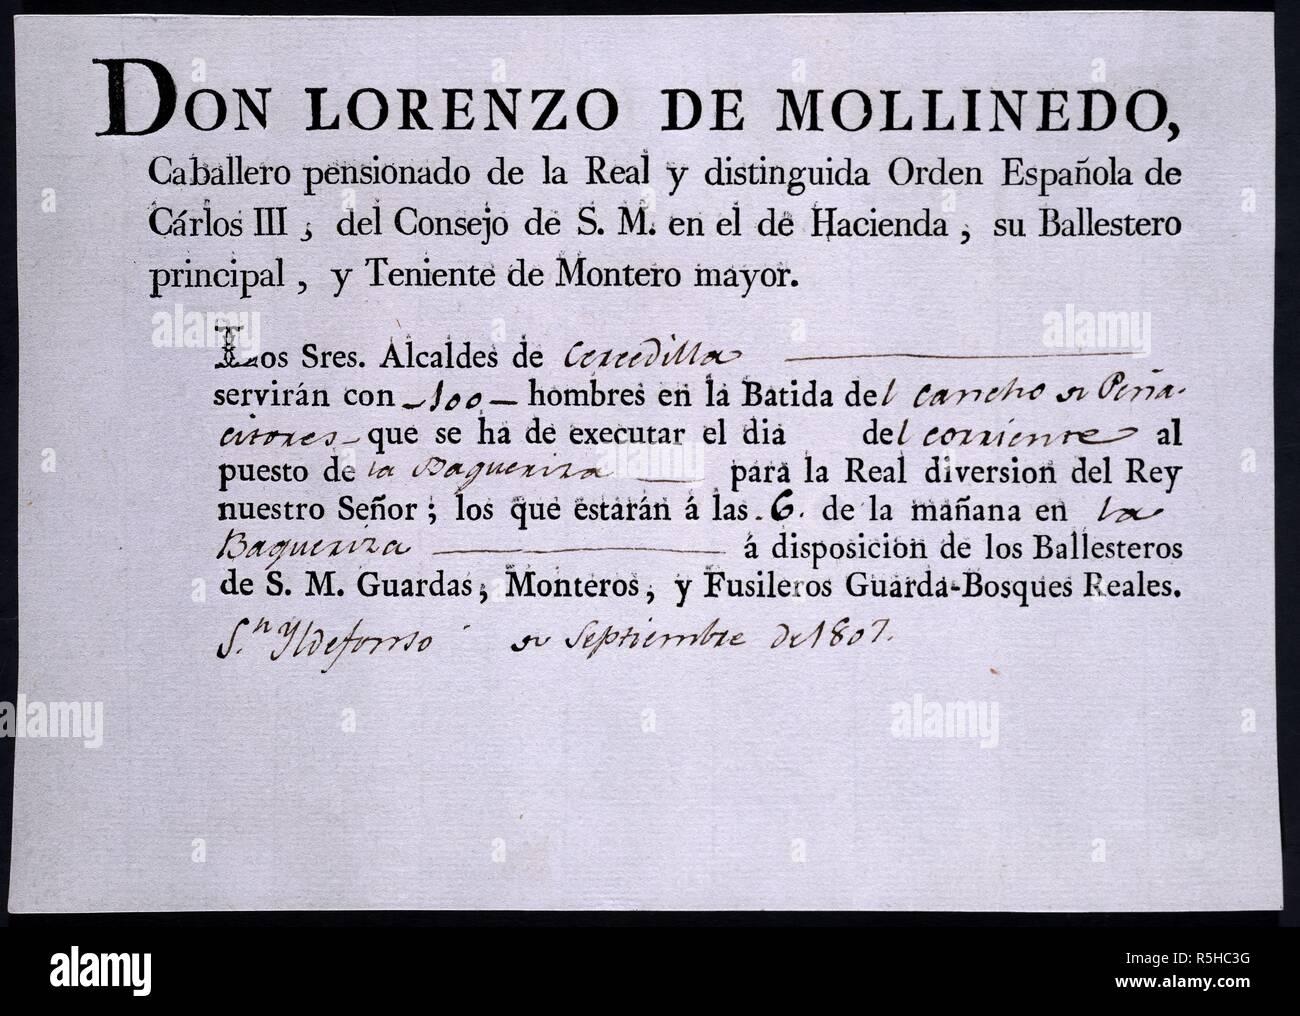 PAPELETA DE REQUERIMIENTO DE HOMBRES PARA OJEOS POR D.LORENZO MOLLINEDO-SEPT 1807. Location: PALACIO REAL-BIBLIOTECA. MADRID. SPAIN. - Stock Image